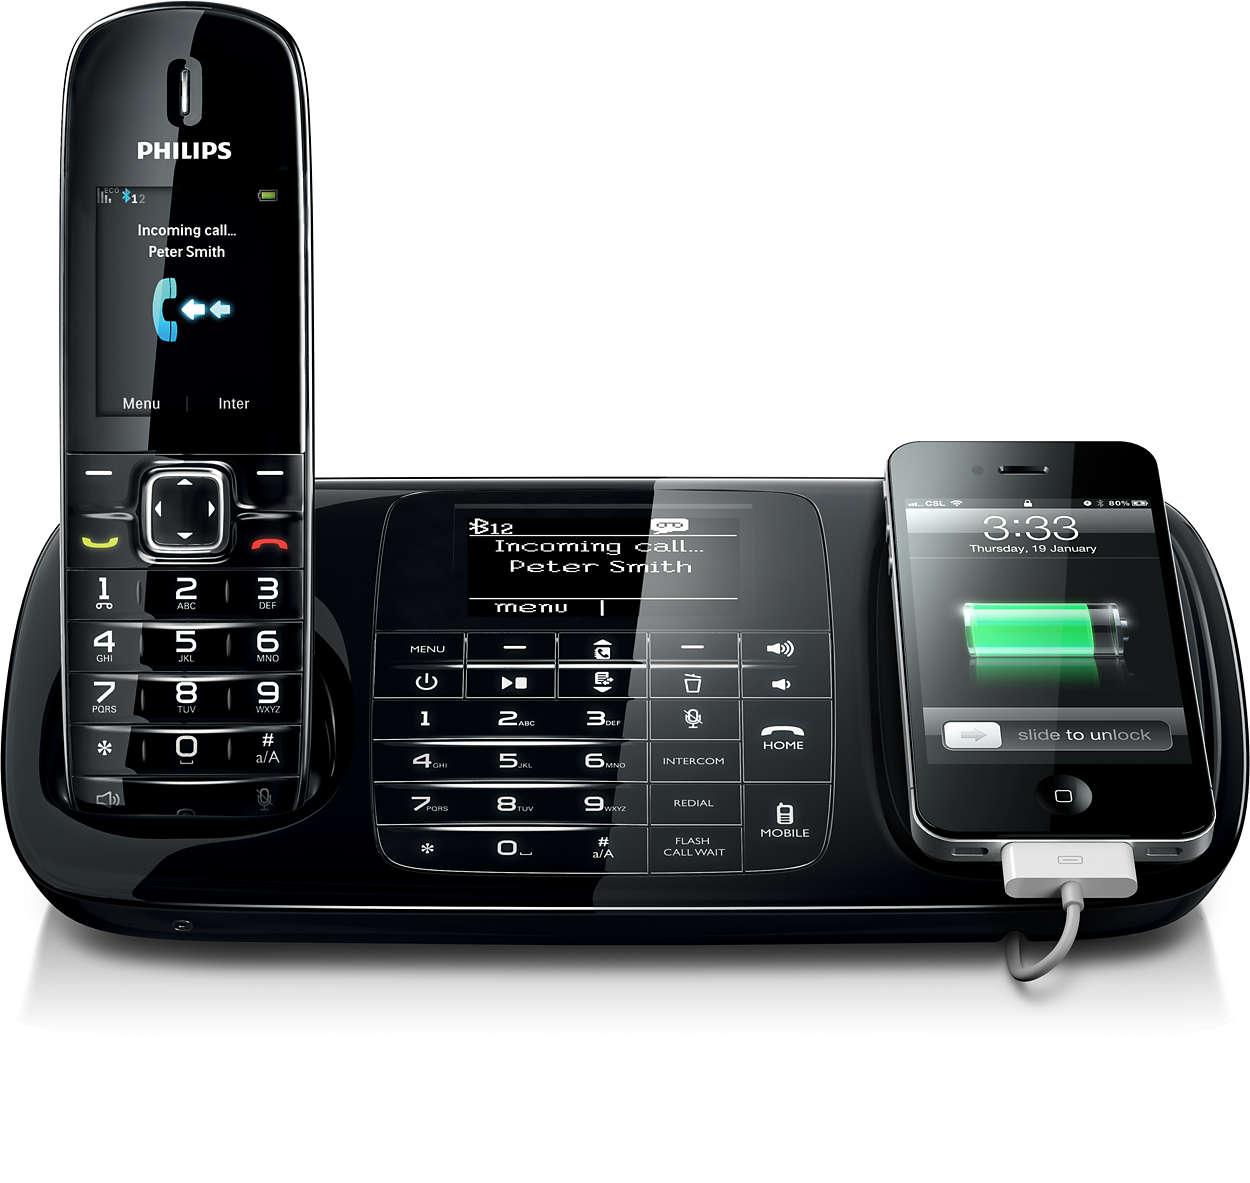 Všetky hovory z pevnej linky aj mobilov cez jeden telefón